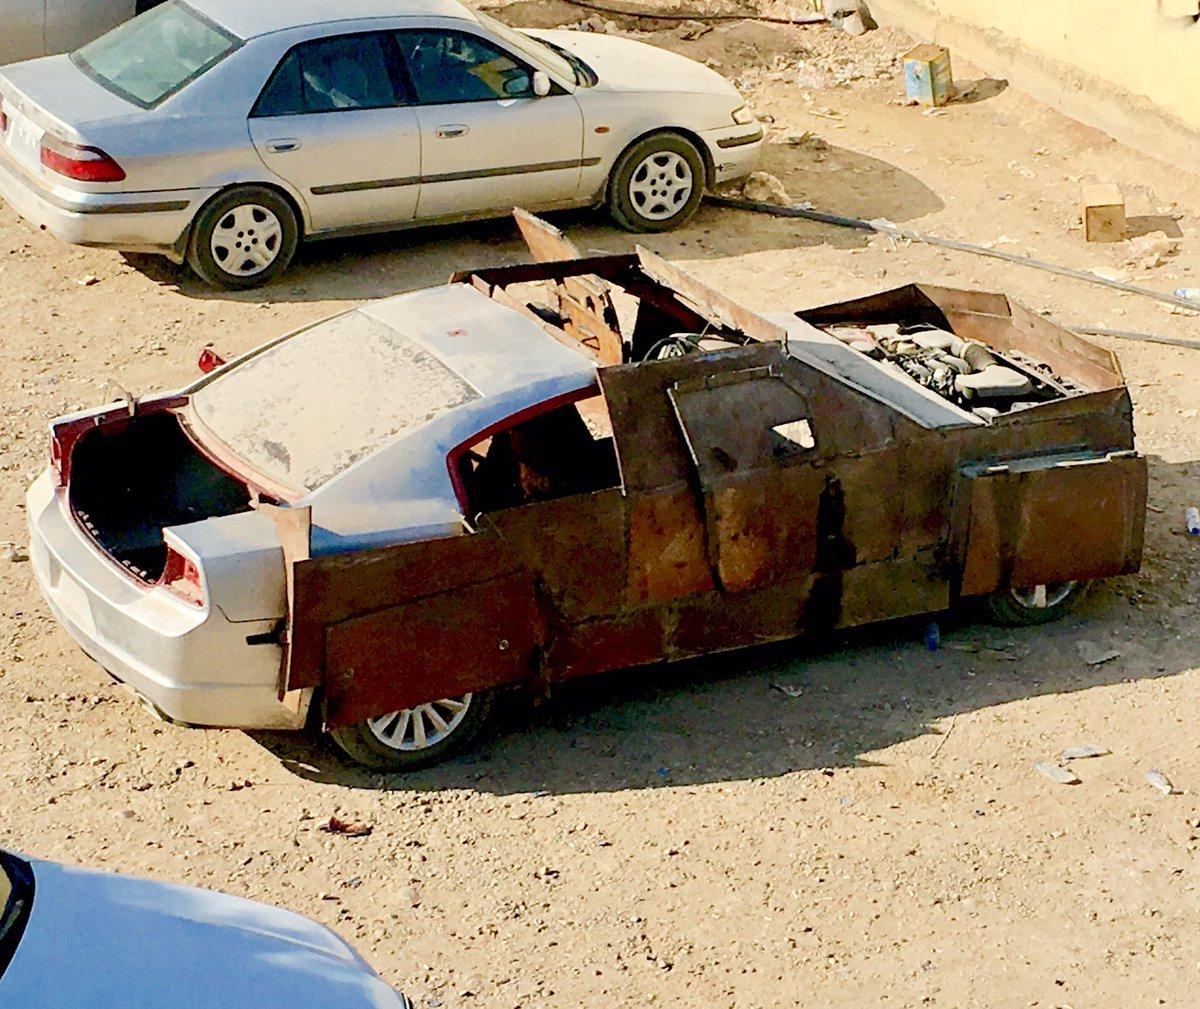 Opancéřovaný Dodge Charger je dalším šíleným výtvorem islamistických kutilů   40eb8ad1fe